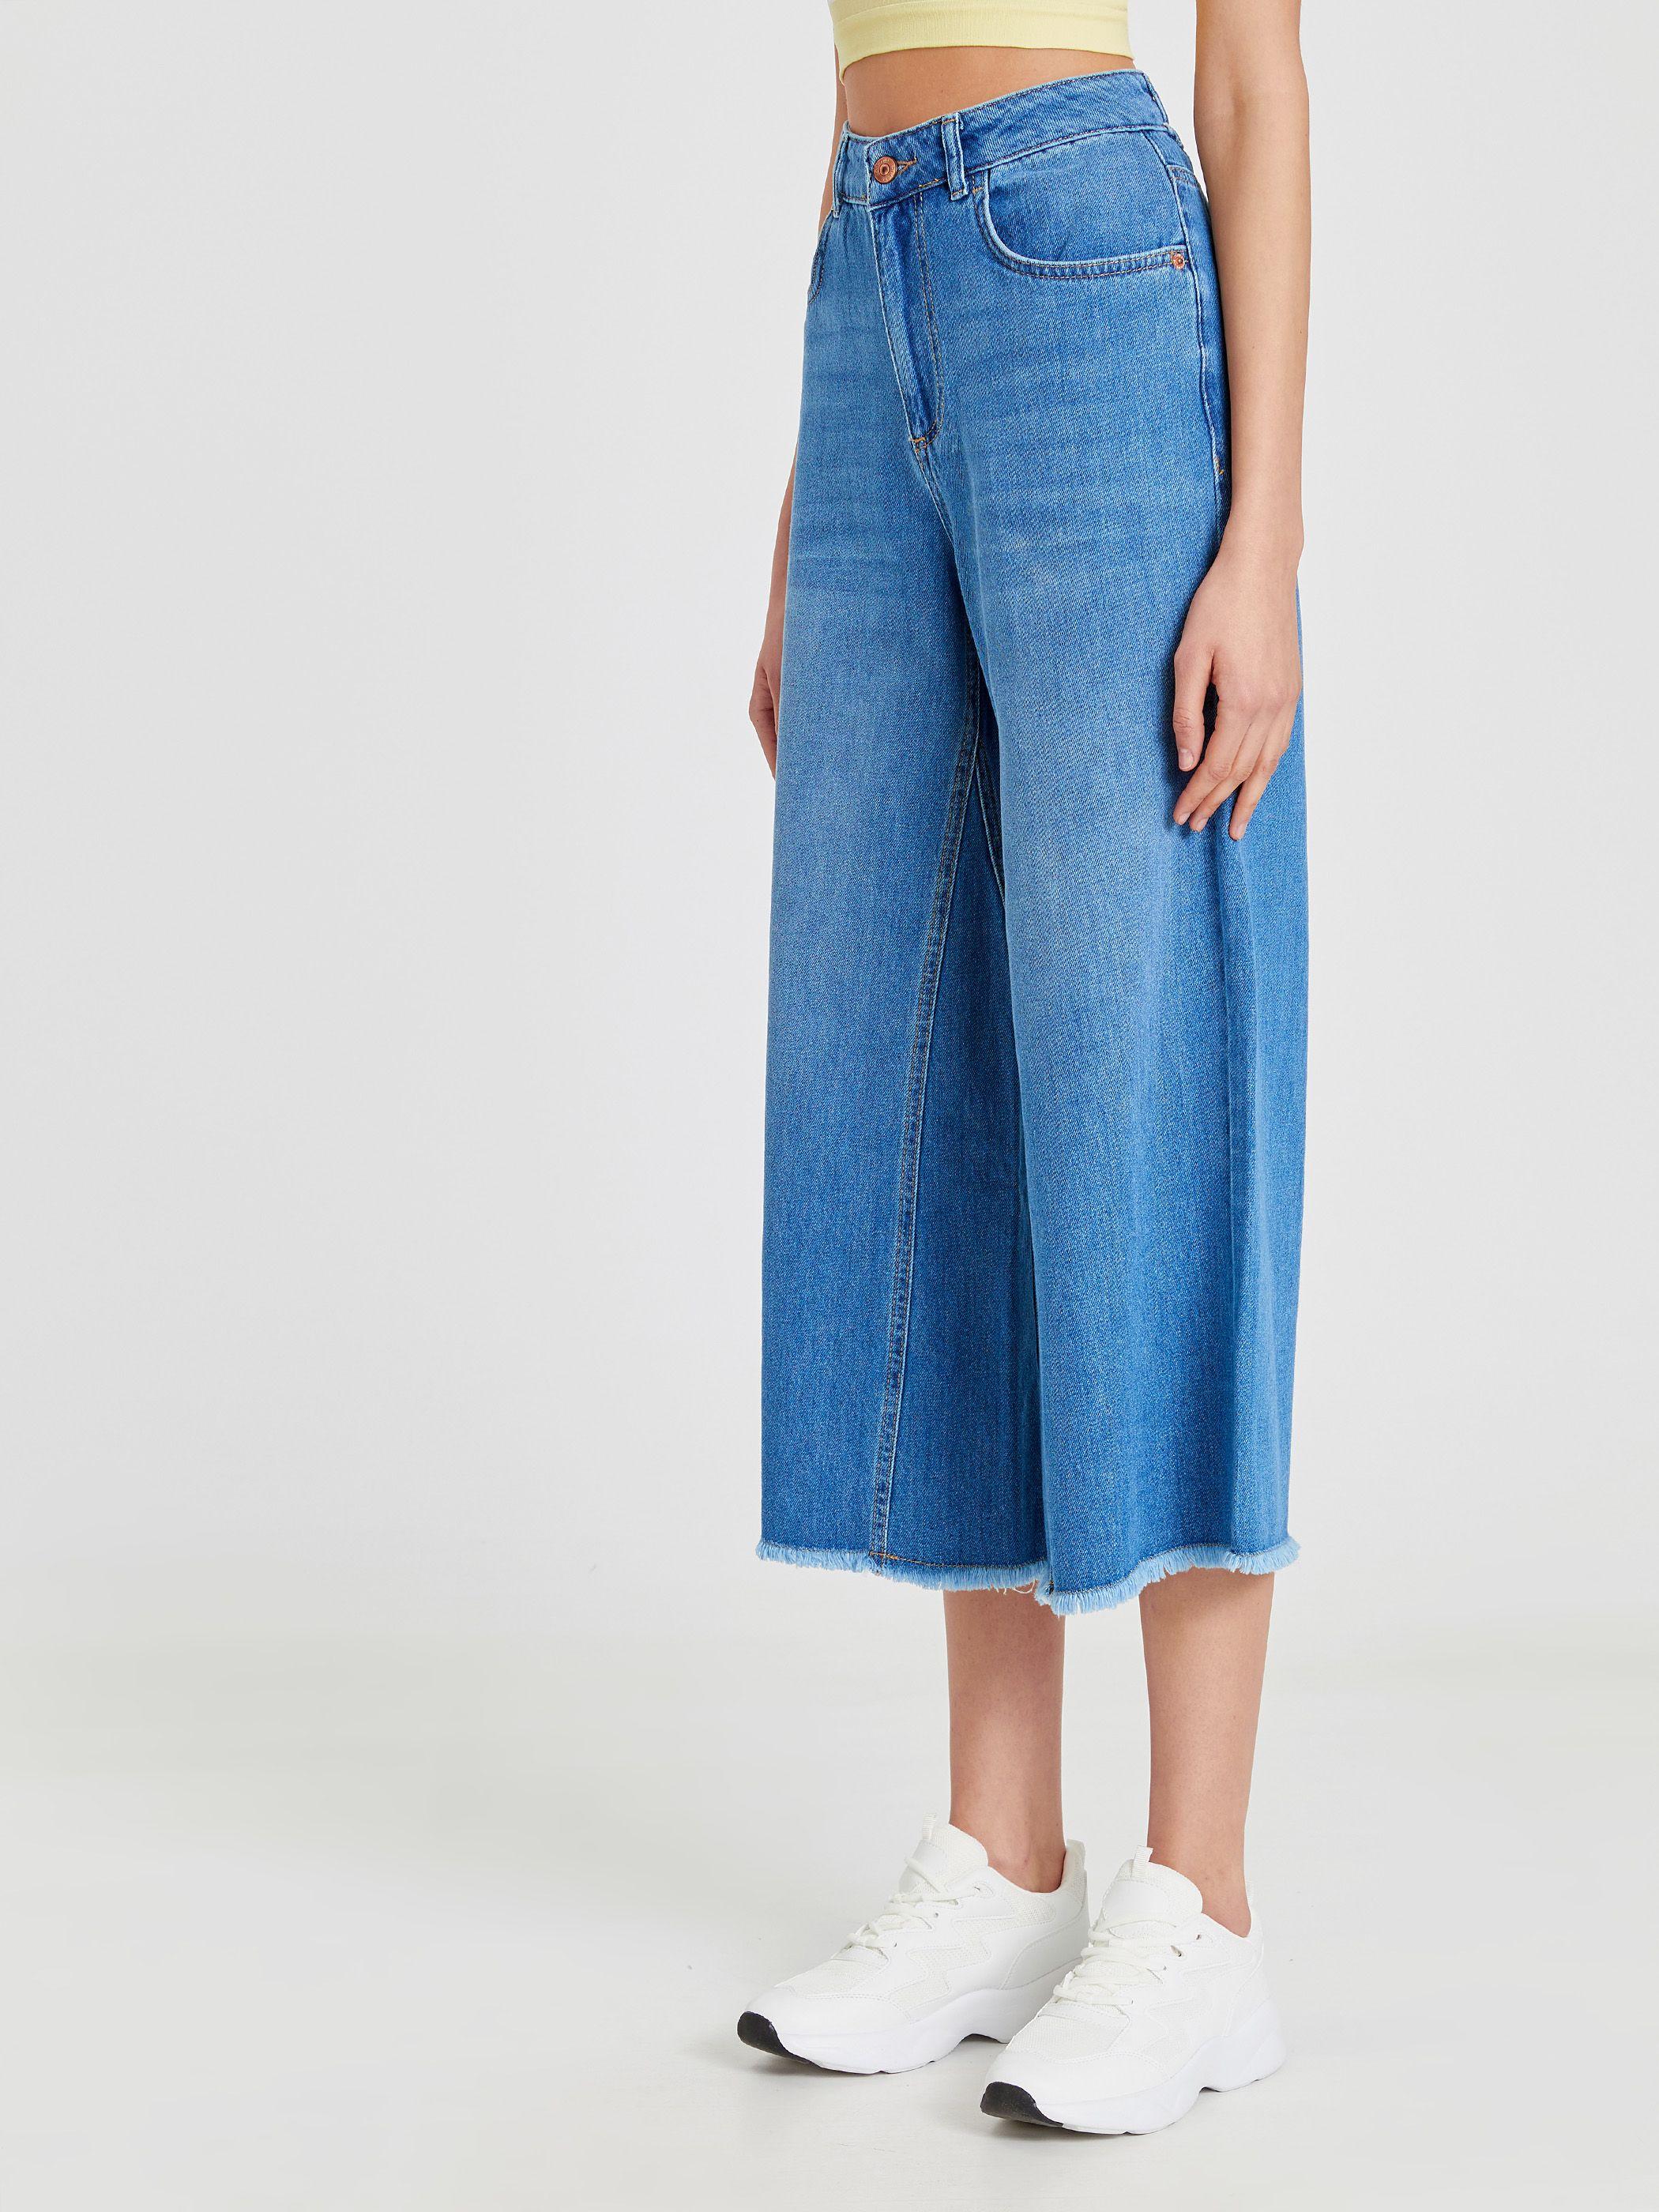 شلوار جین گشاد زنانه ال سی وایکیکی خرید اینترنتی شلوار جین زنانه فروشگاه اینترنتی شلوار جین شلوار جین Suits For Women Woman Suit Fashion Fashion